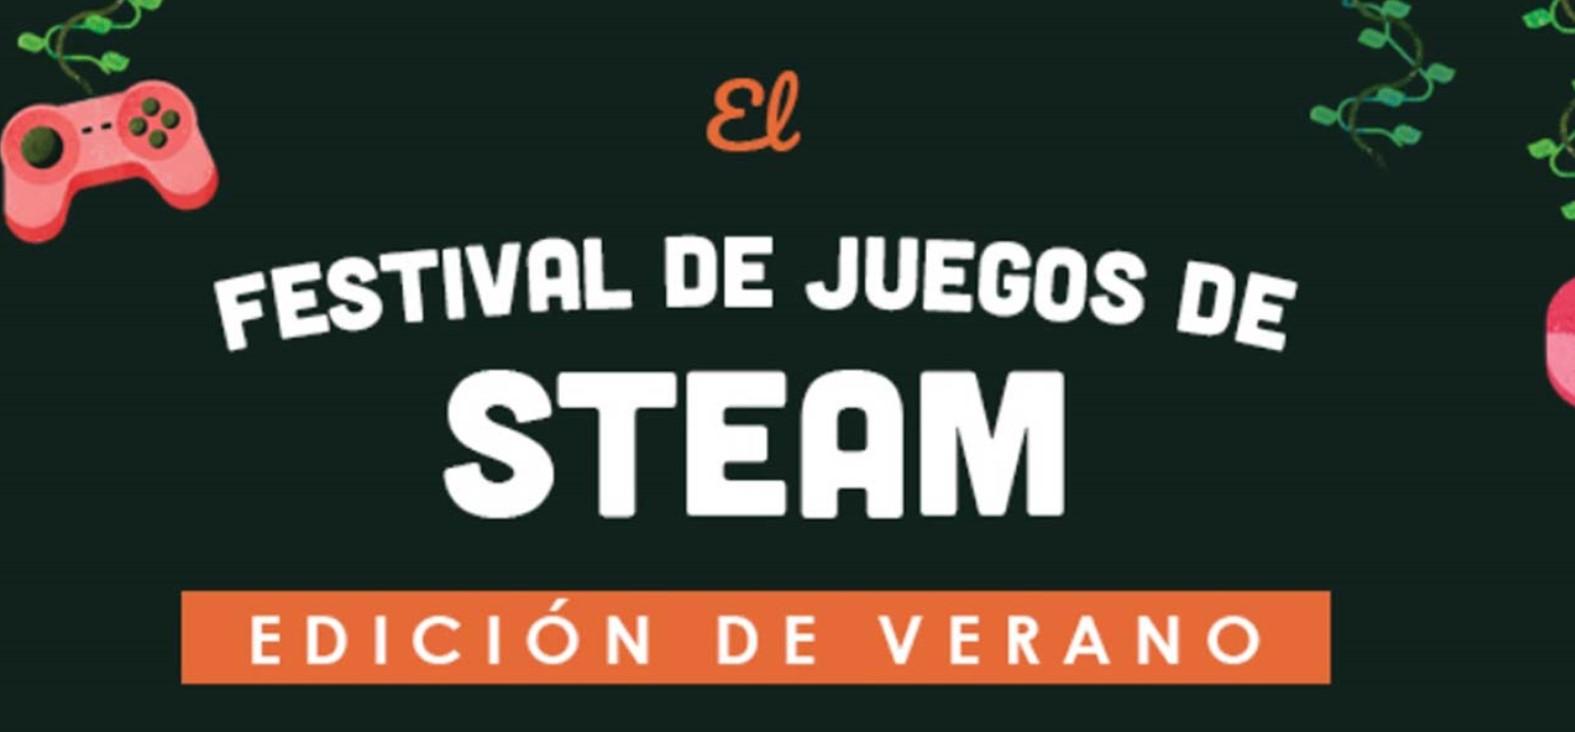 Steam le puso fecha a su clásico Festival de Juegos de verano